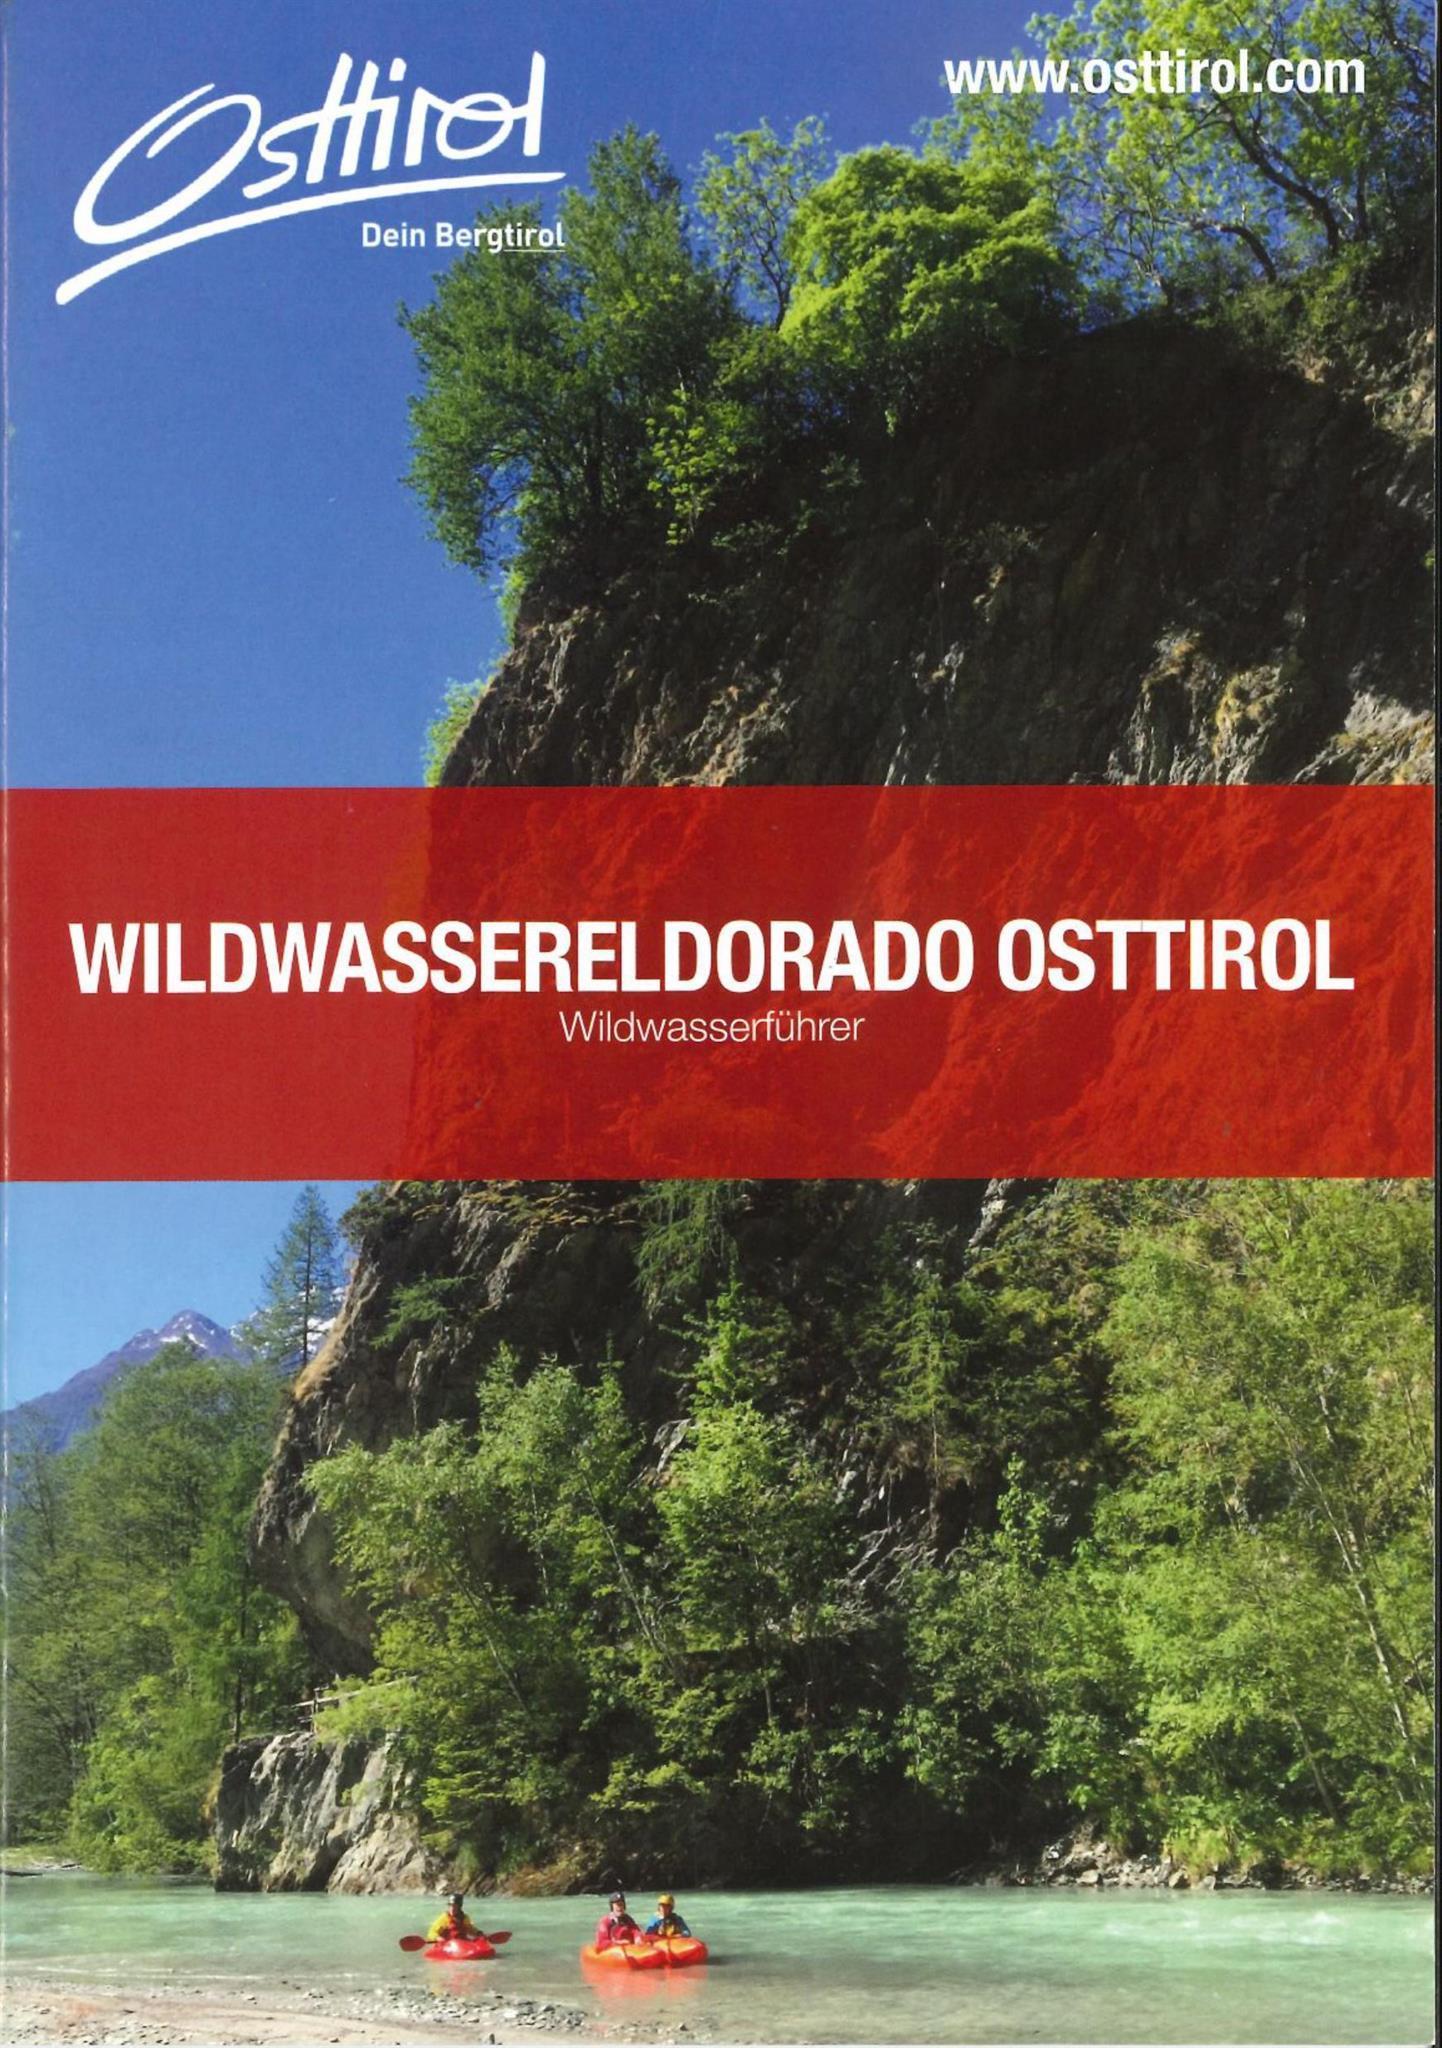 Wildwassereldorado-Osttirol.jpg